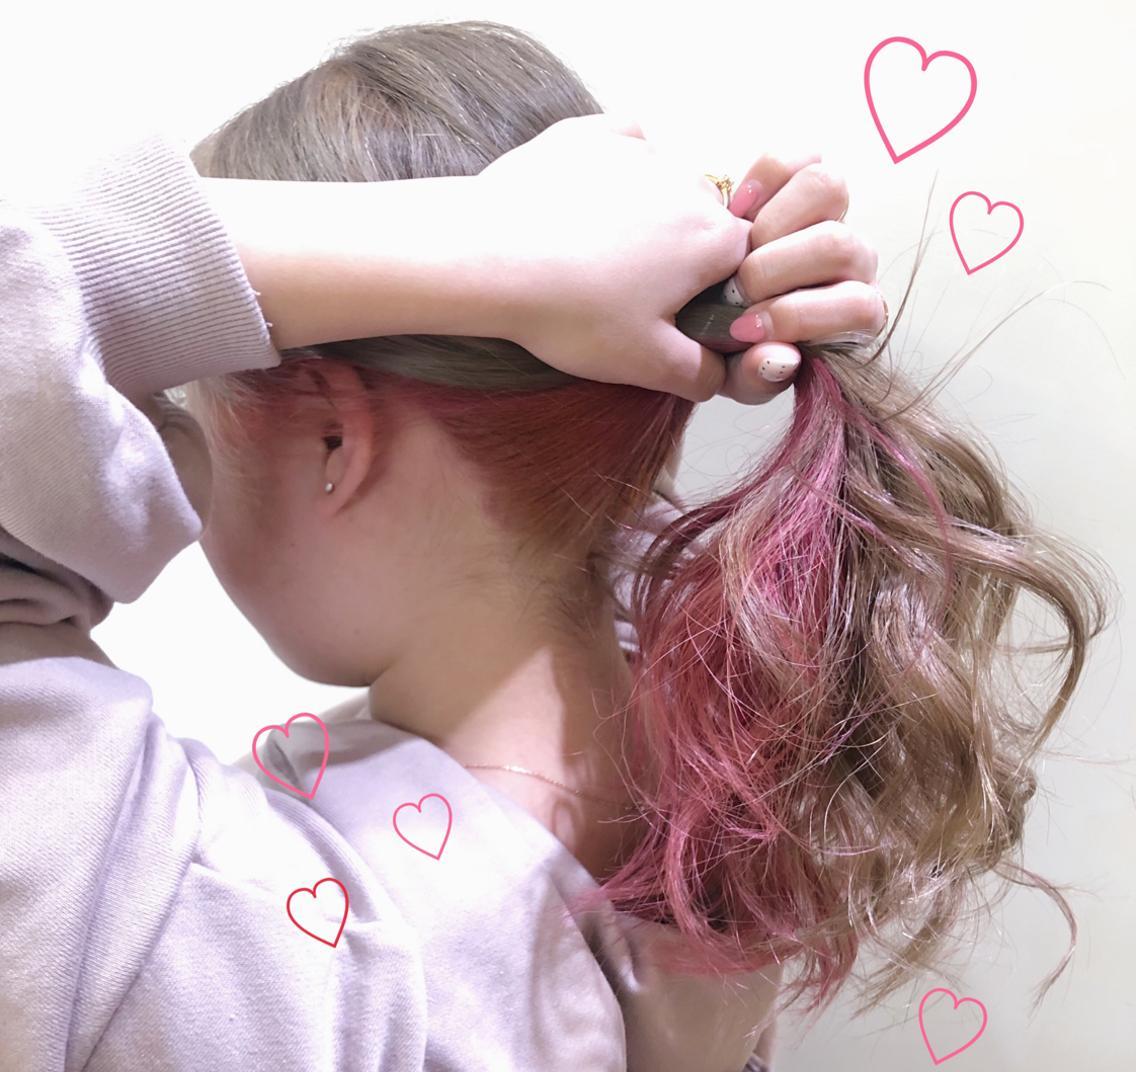 <当日予約OK🙆🏼♀️>本日とても空いてますよ💡🌈natural〜ハイトーンまでお任せください!💘夏限定、学割ありますよ❣️❣️❣️似合うヘアをお届けします💐🍊